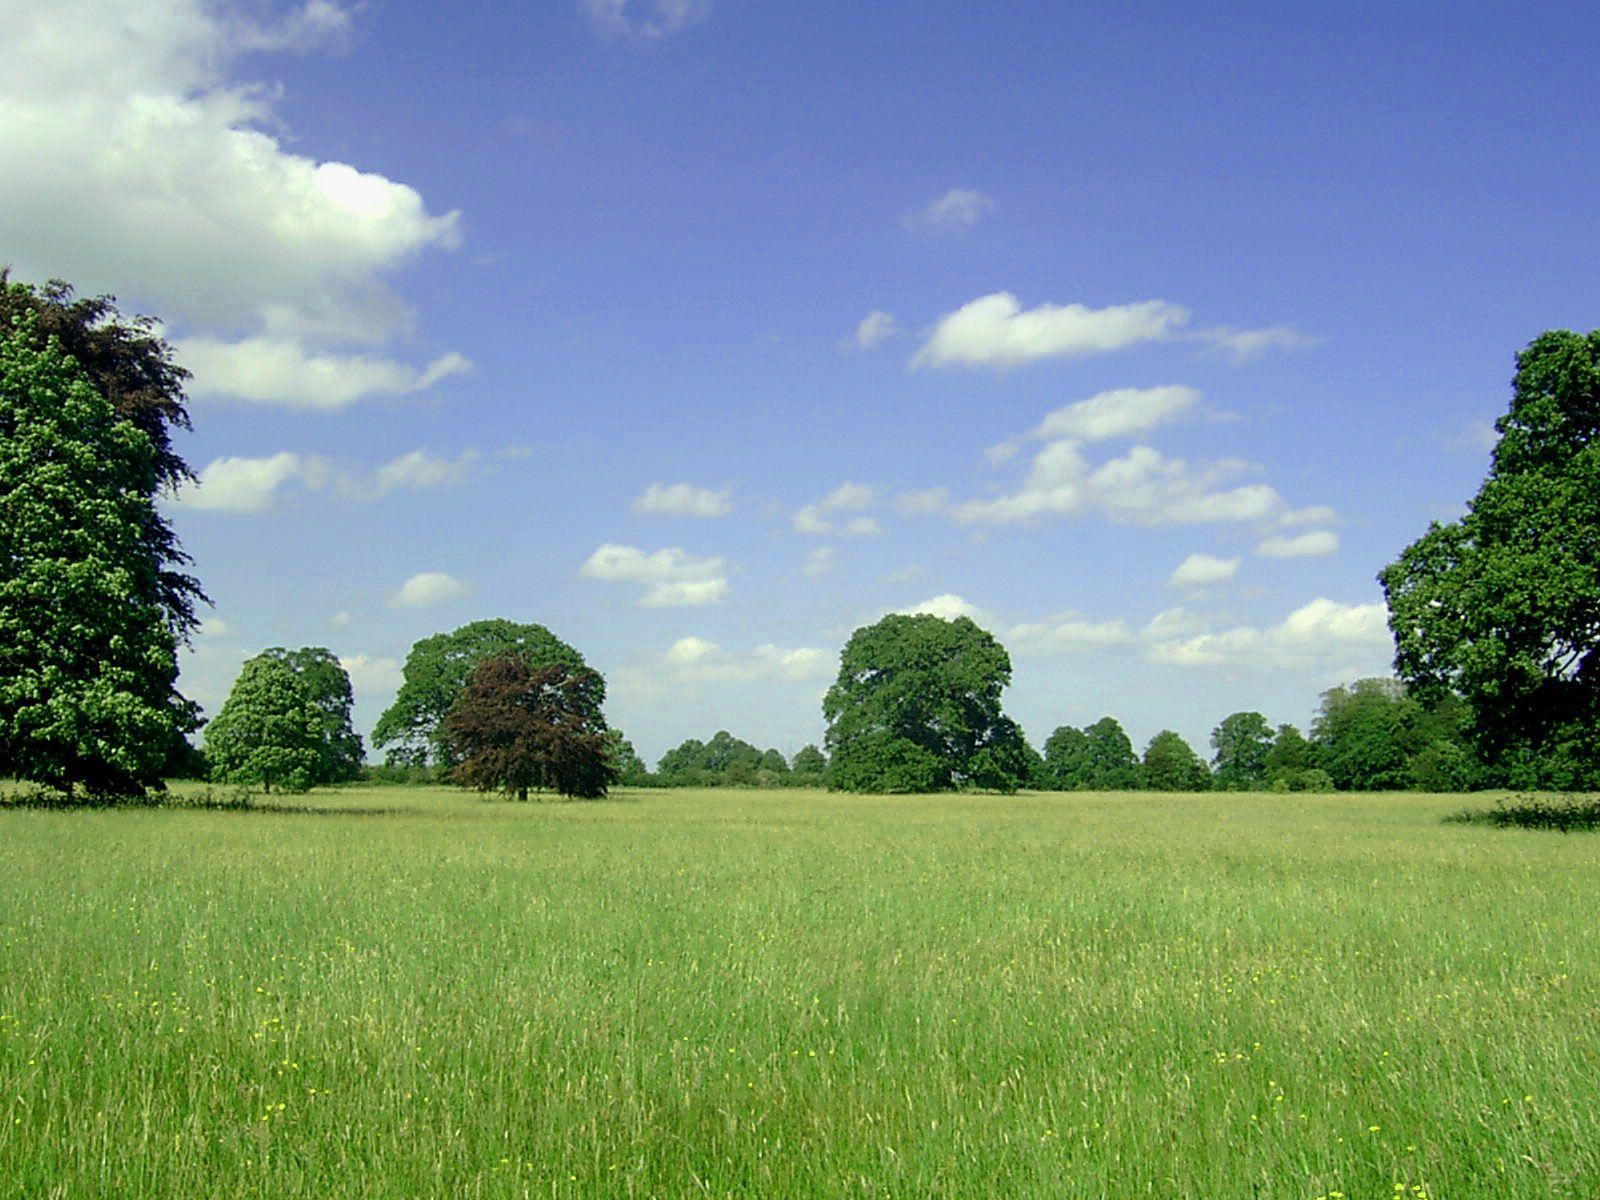 Pin Most Beautiful Landscape Wallpaper on Pinterest | Amazing ...